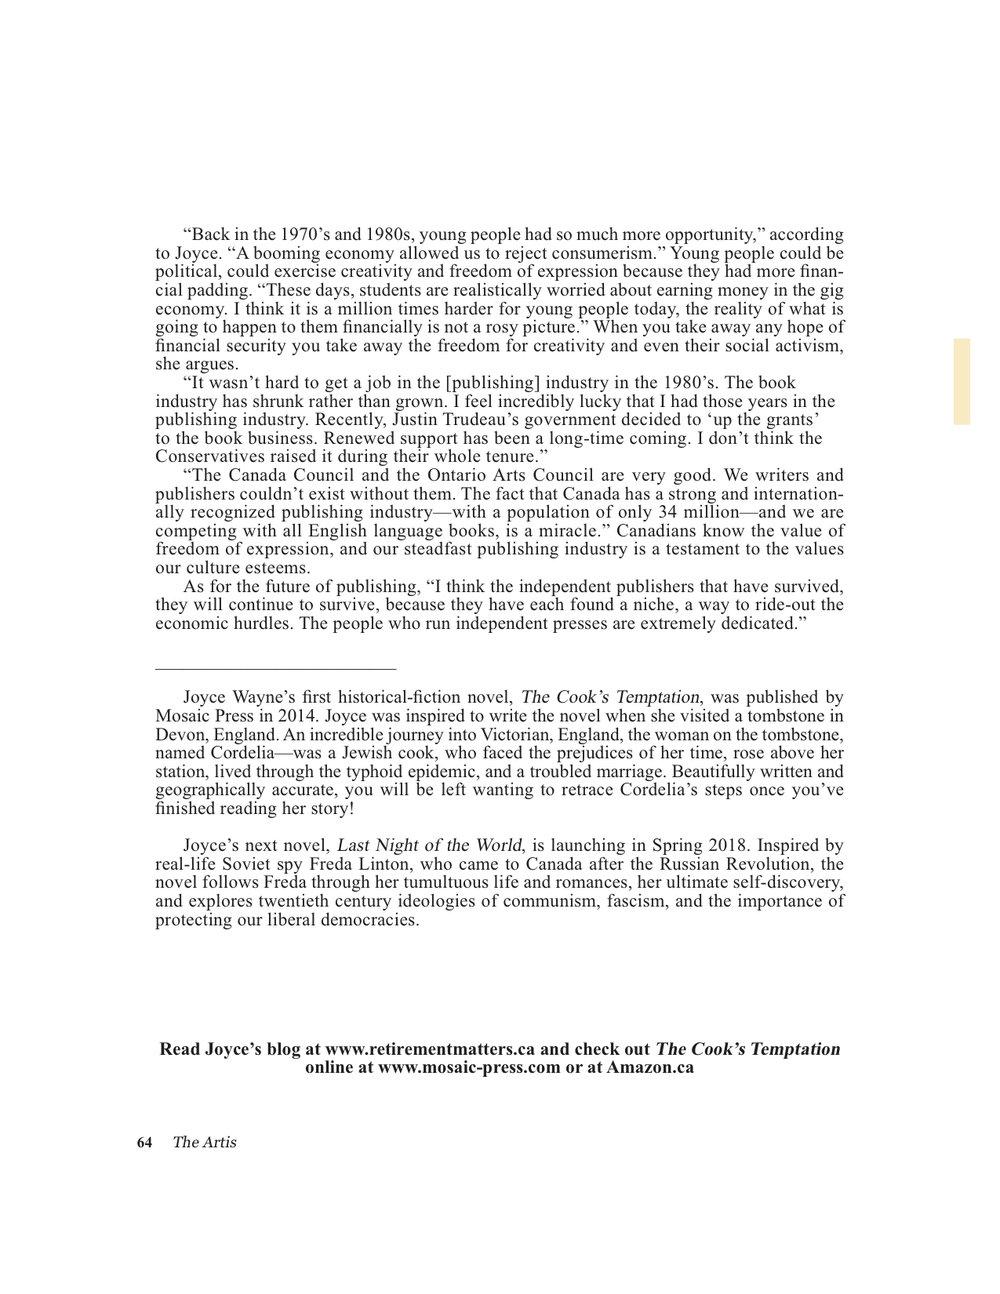 Artis1 Joyce page 3.jpg